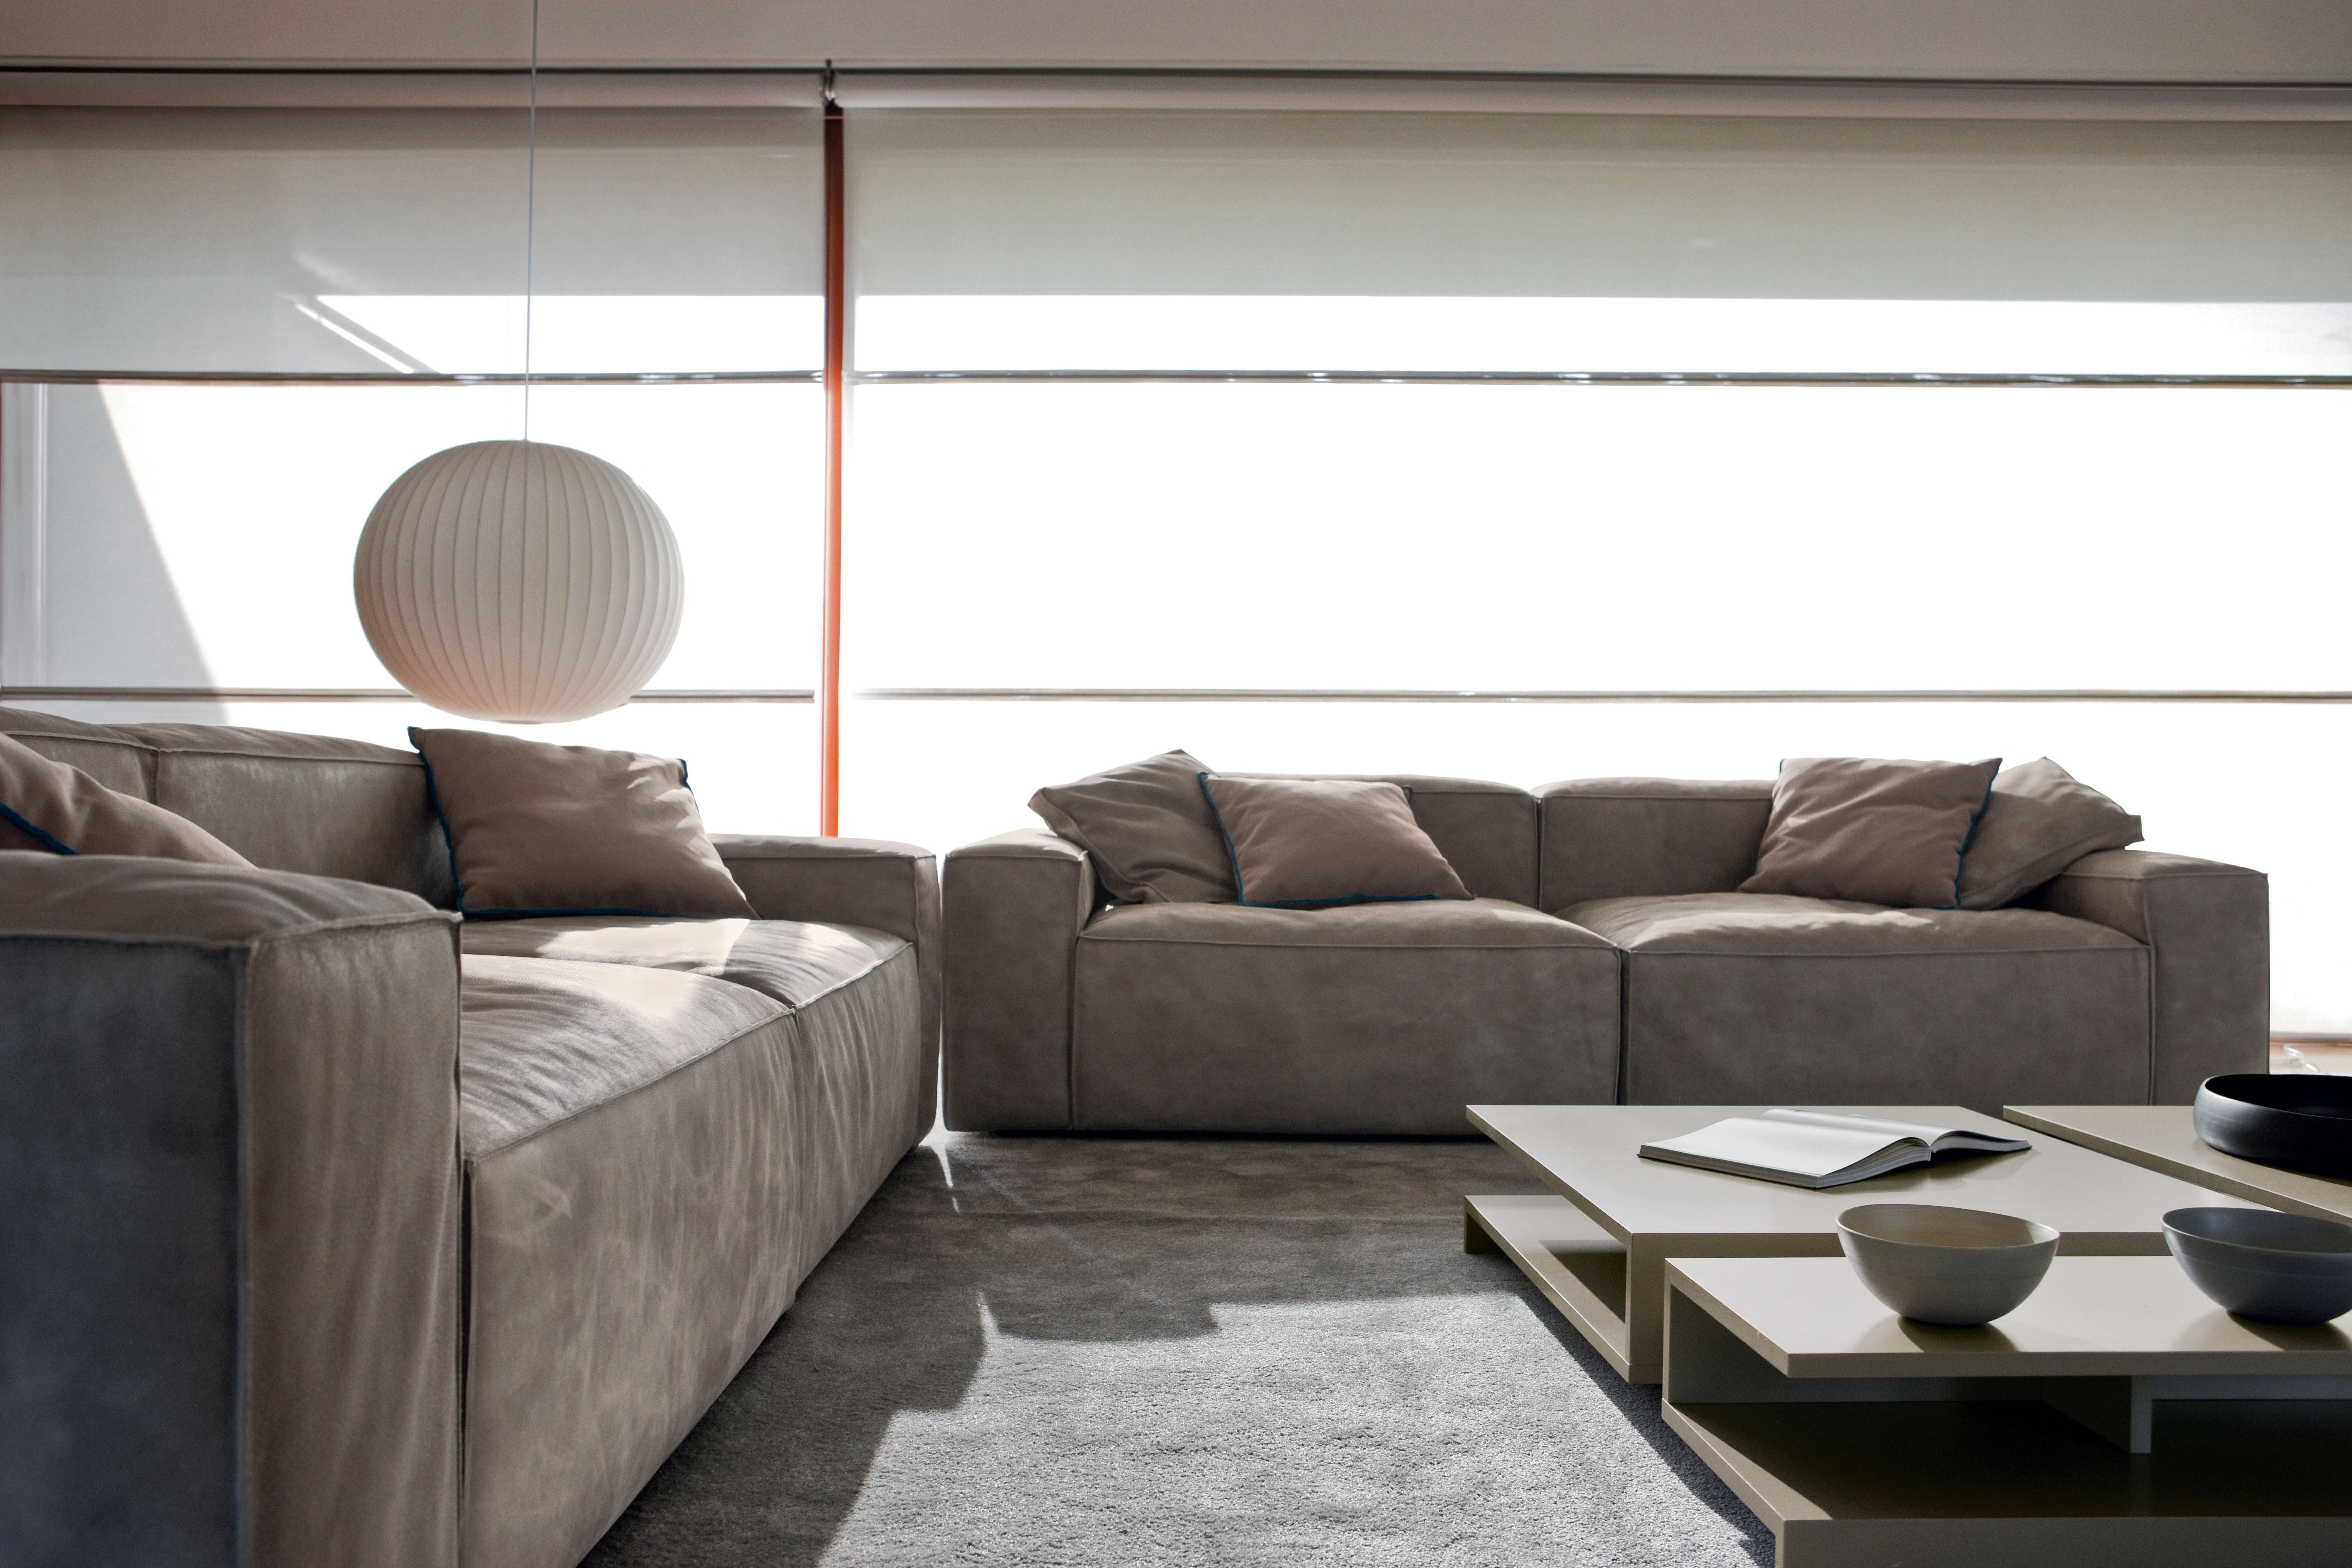 Metodo interni arredamenti piacenza divano avenue for Arredamenti piacenza